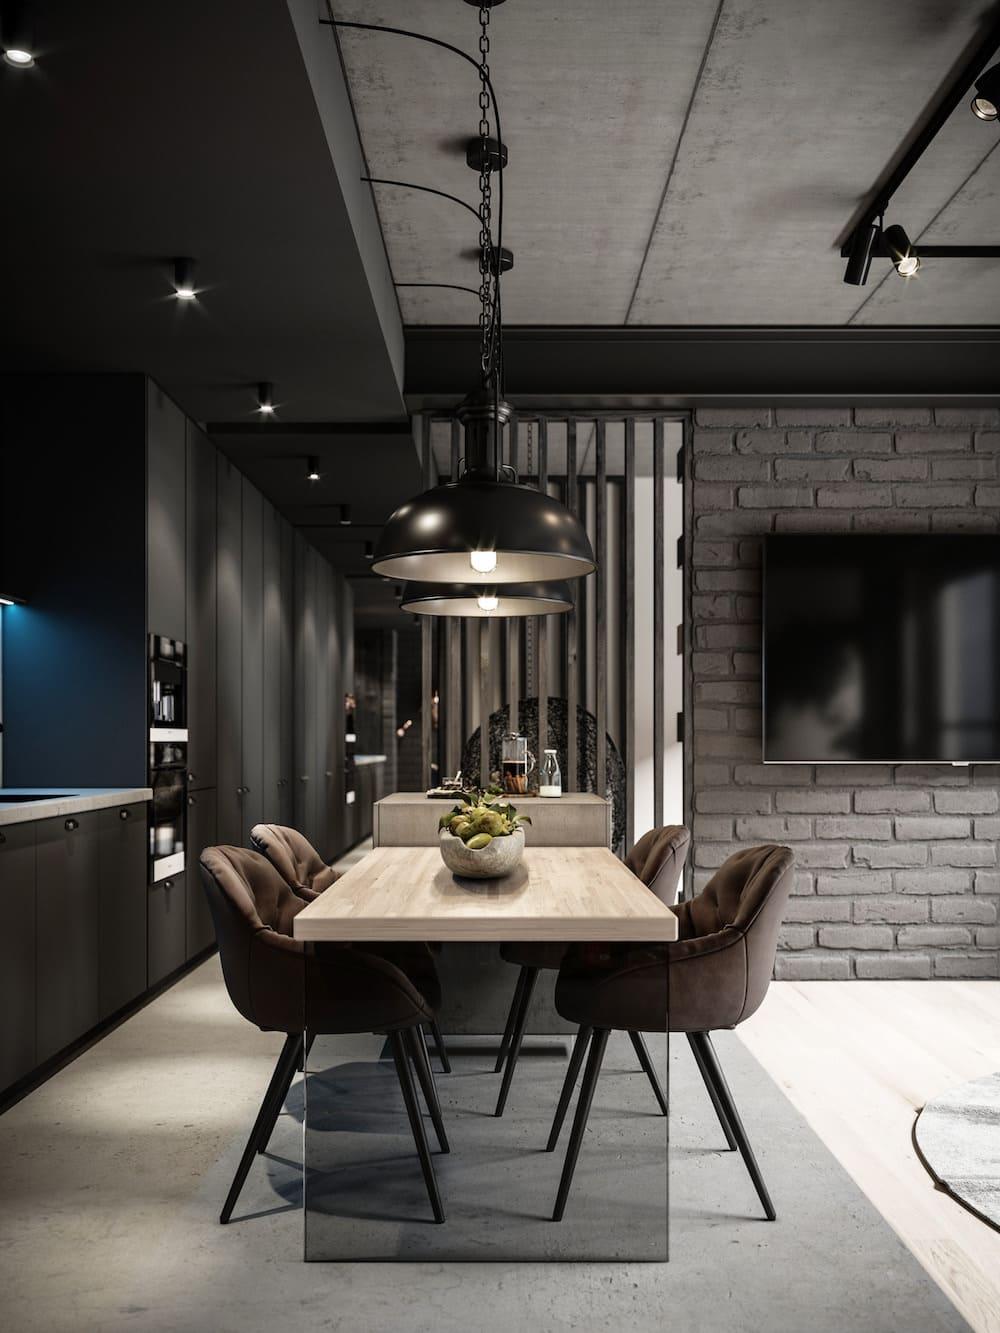 дизайн интерьера гостиной фото 32